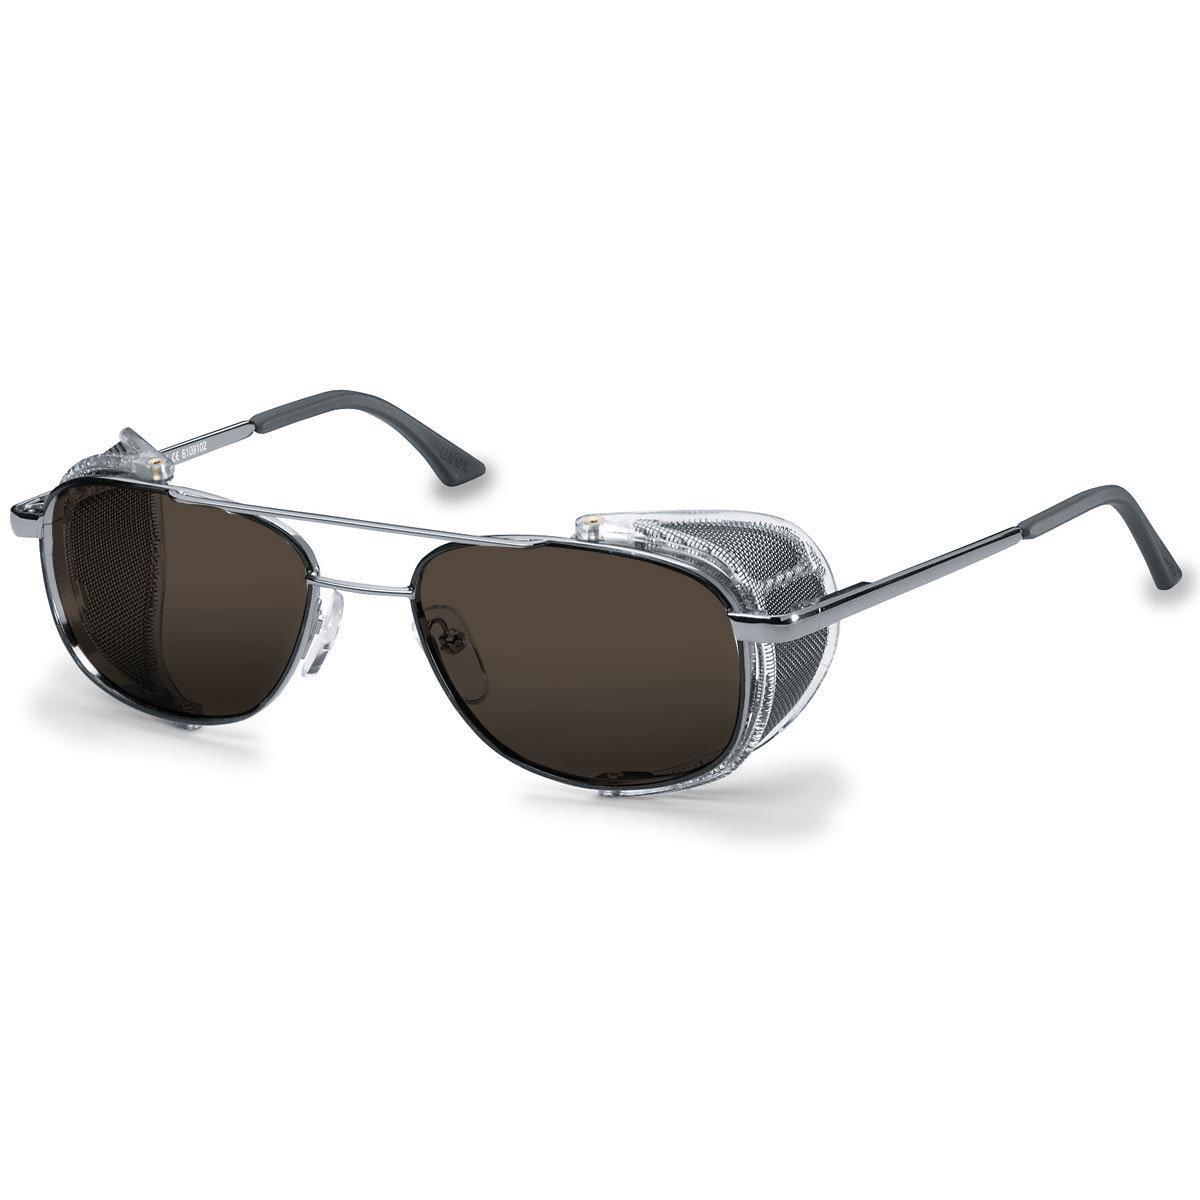 Uvex Korrektionsschutzbrille RX 5101 - braun getönt